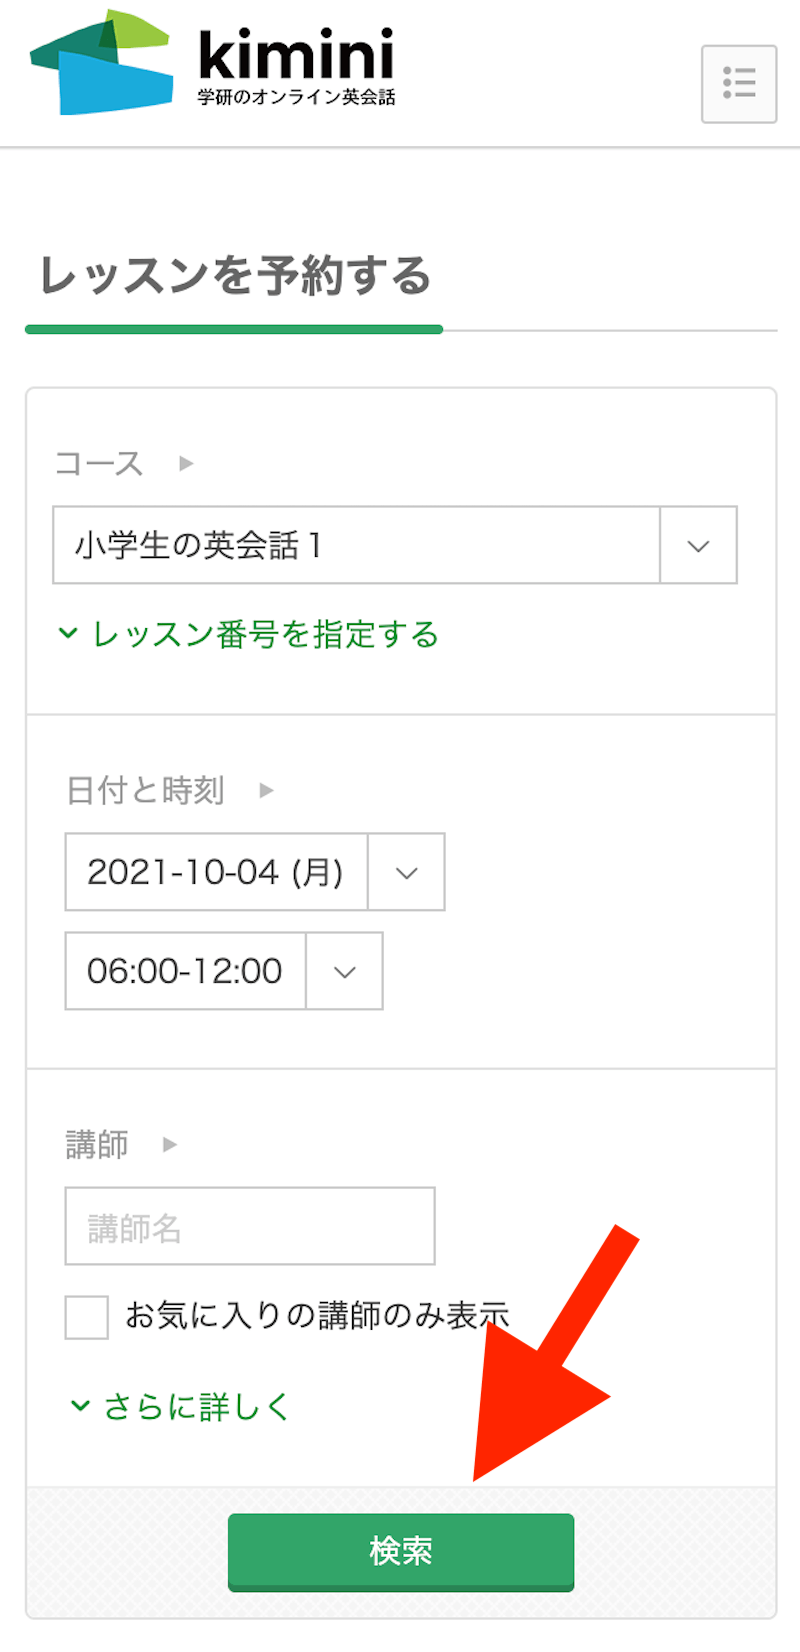 Kiminiオンライン英会話の無料体験までの流れ13